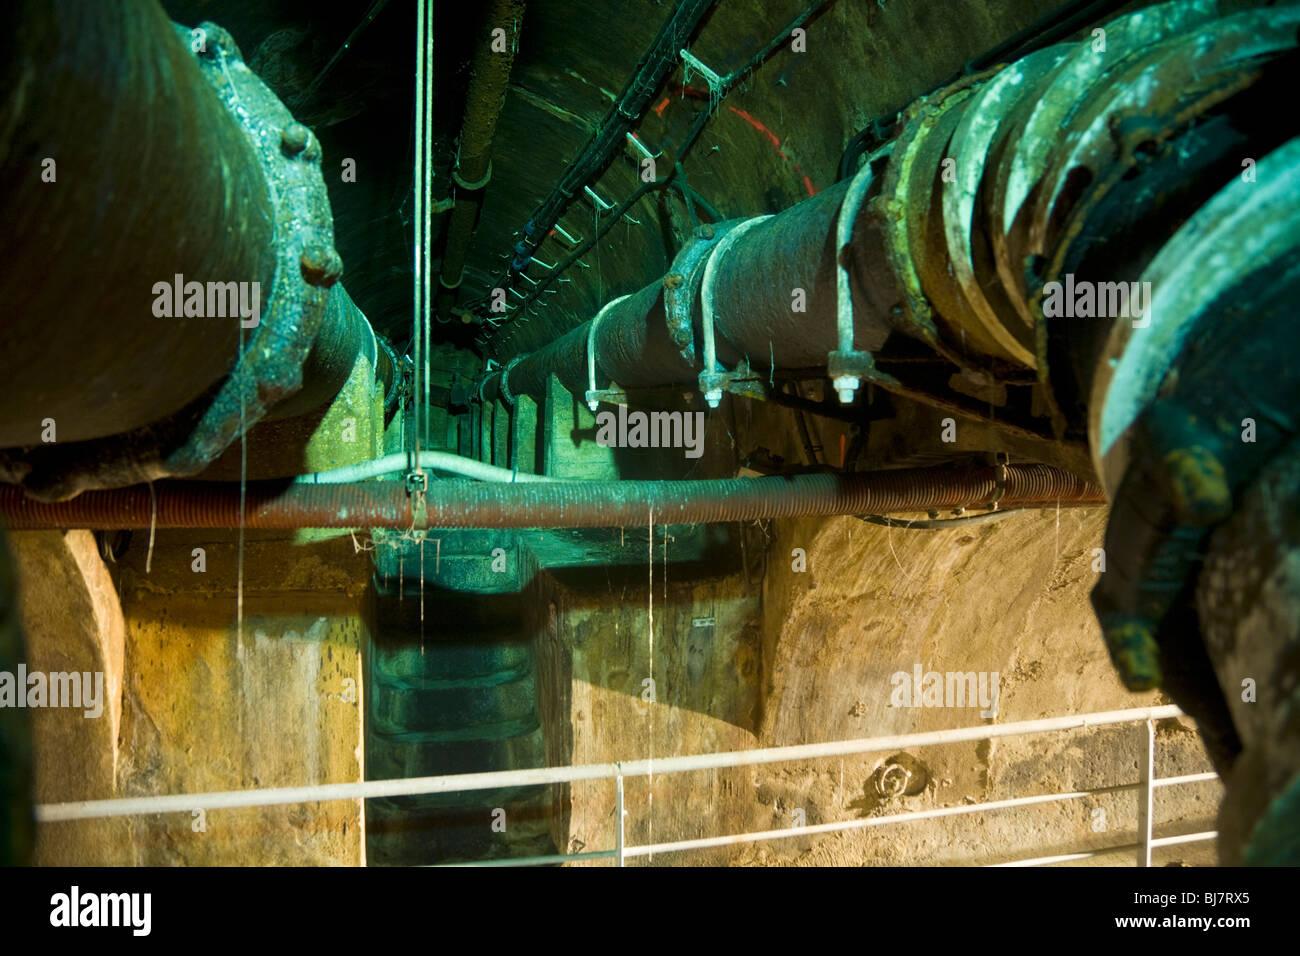 Tunnel d'égout à l'intérieur du tuyau d'évacuation des égouts de Paris - Visite Photo Stock